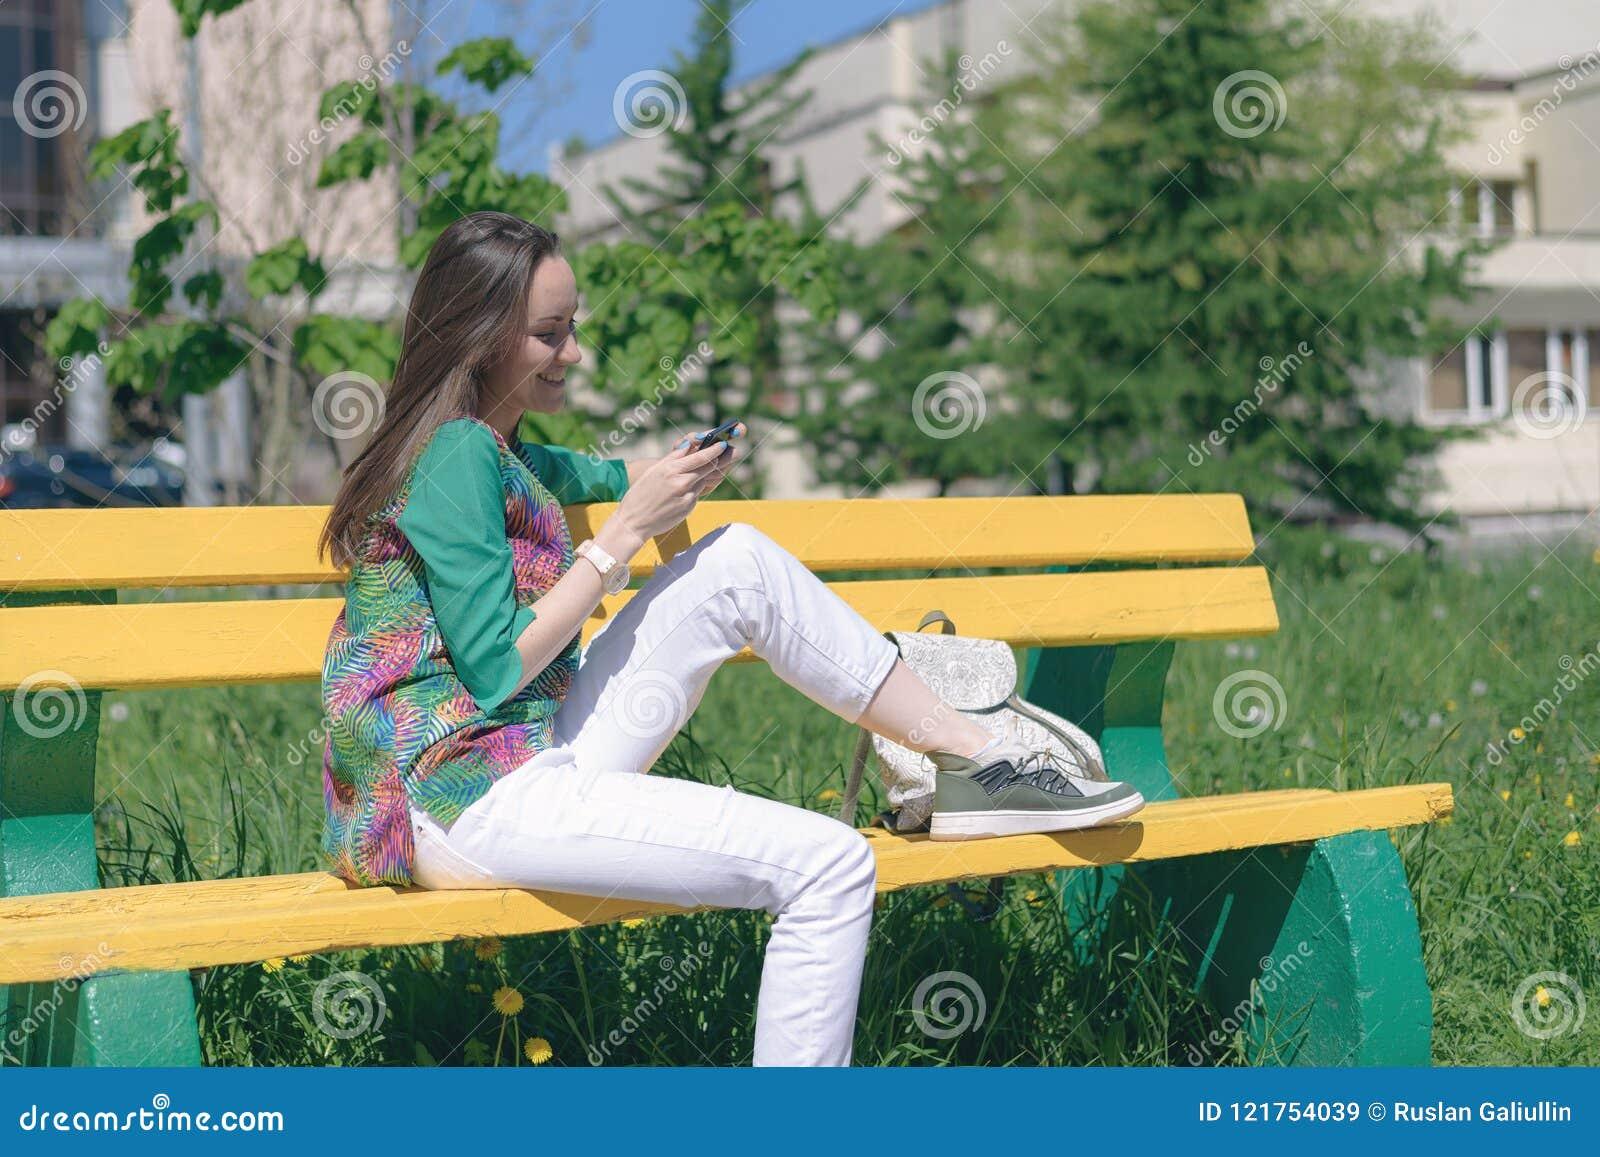 白色牛仔裤和运动鞋的女孩坐一条黄色长凳和用途智能手机,网上通信,社会网络,惊叹